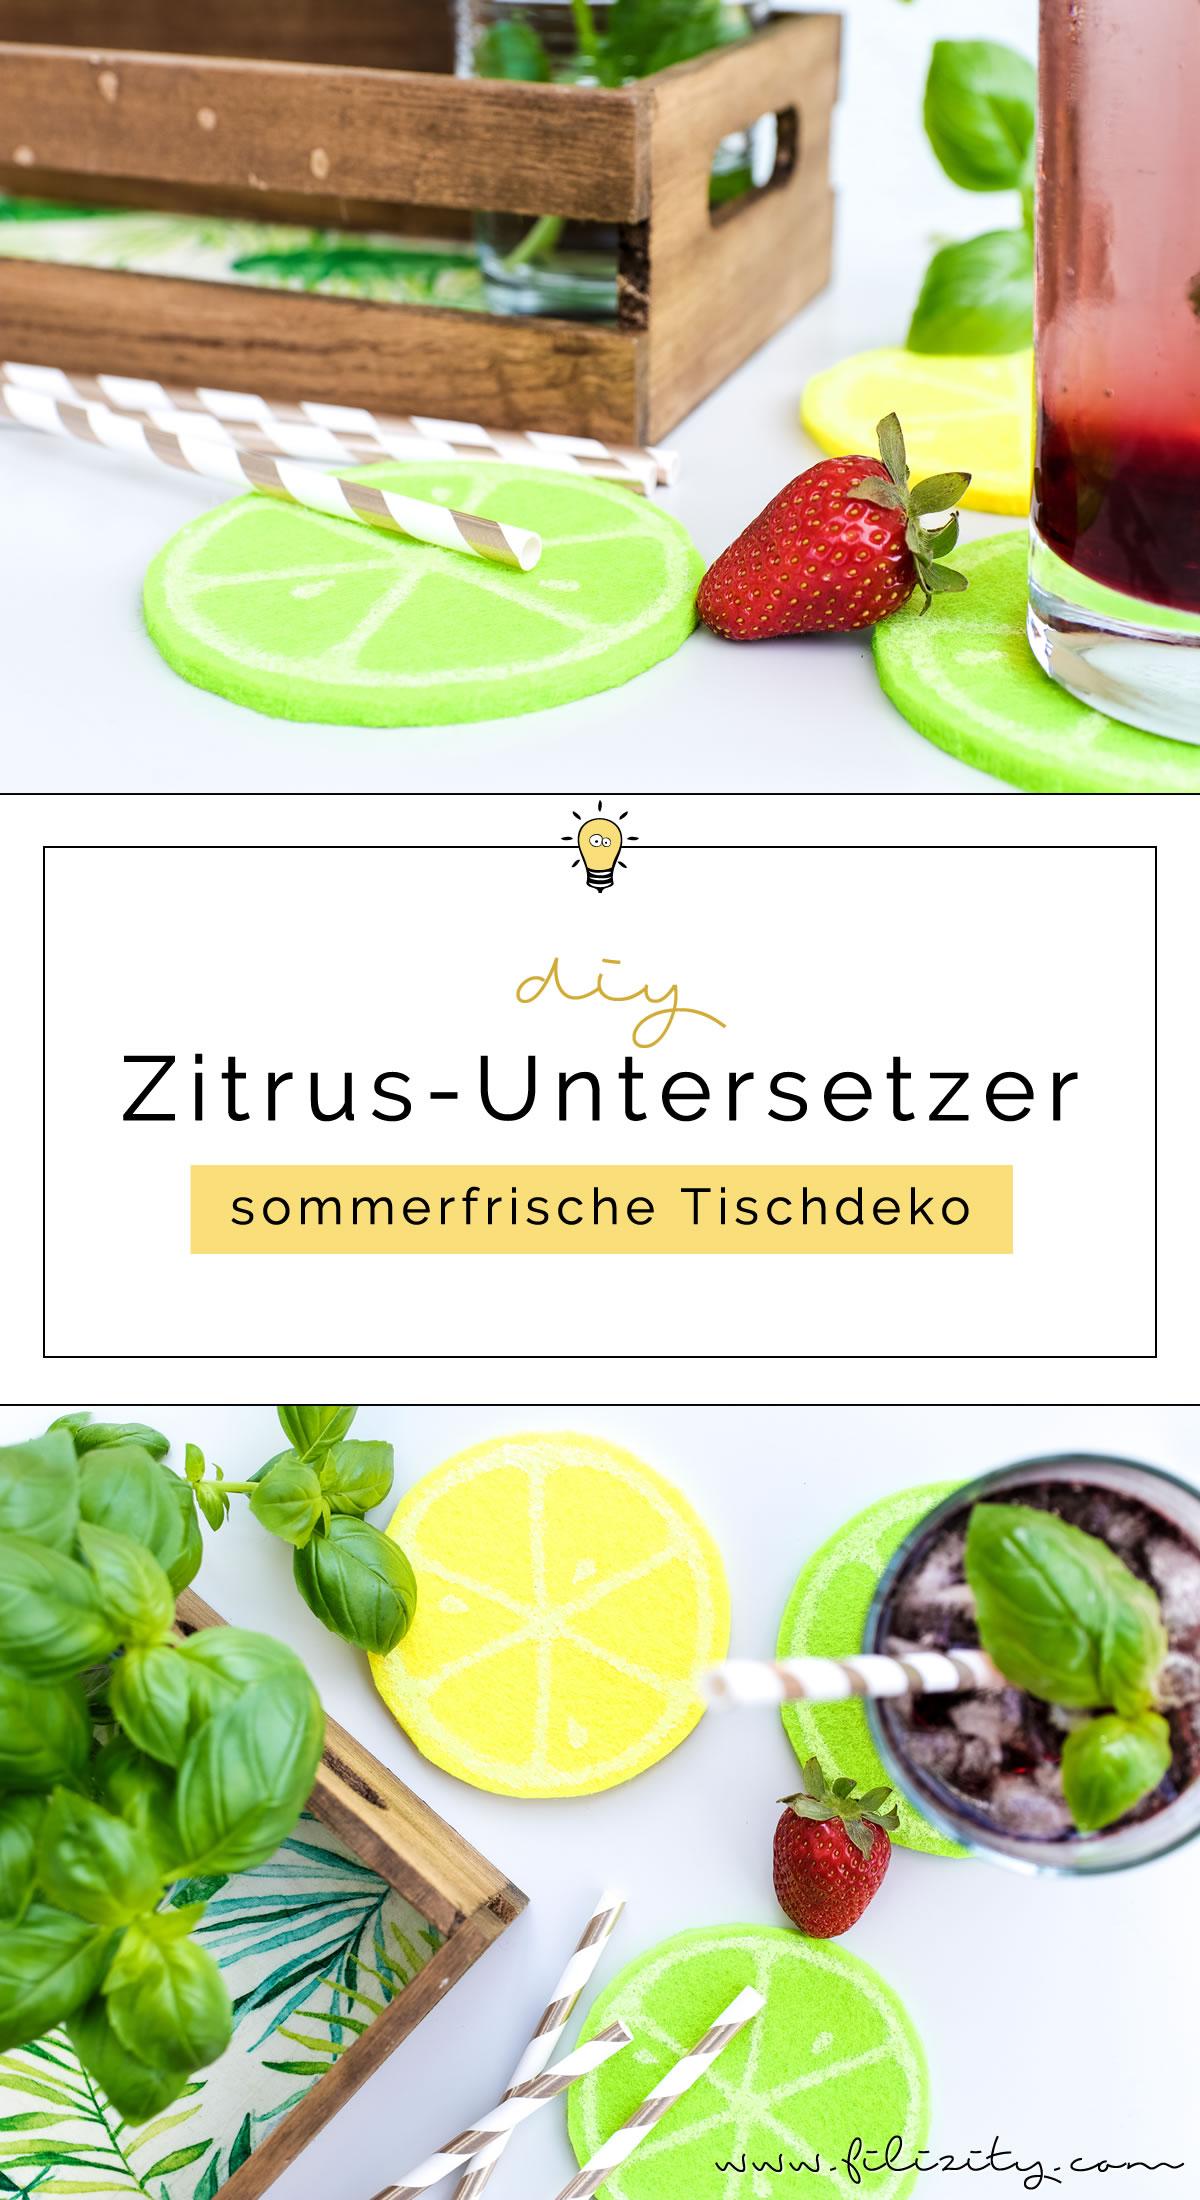 Großzügig Tischdeko Basteln Sommerfest Bilder - Hauptinnenideen ...